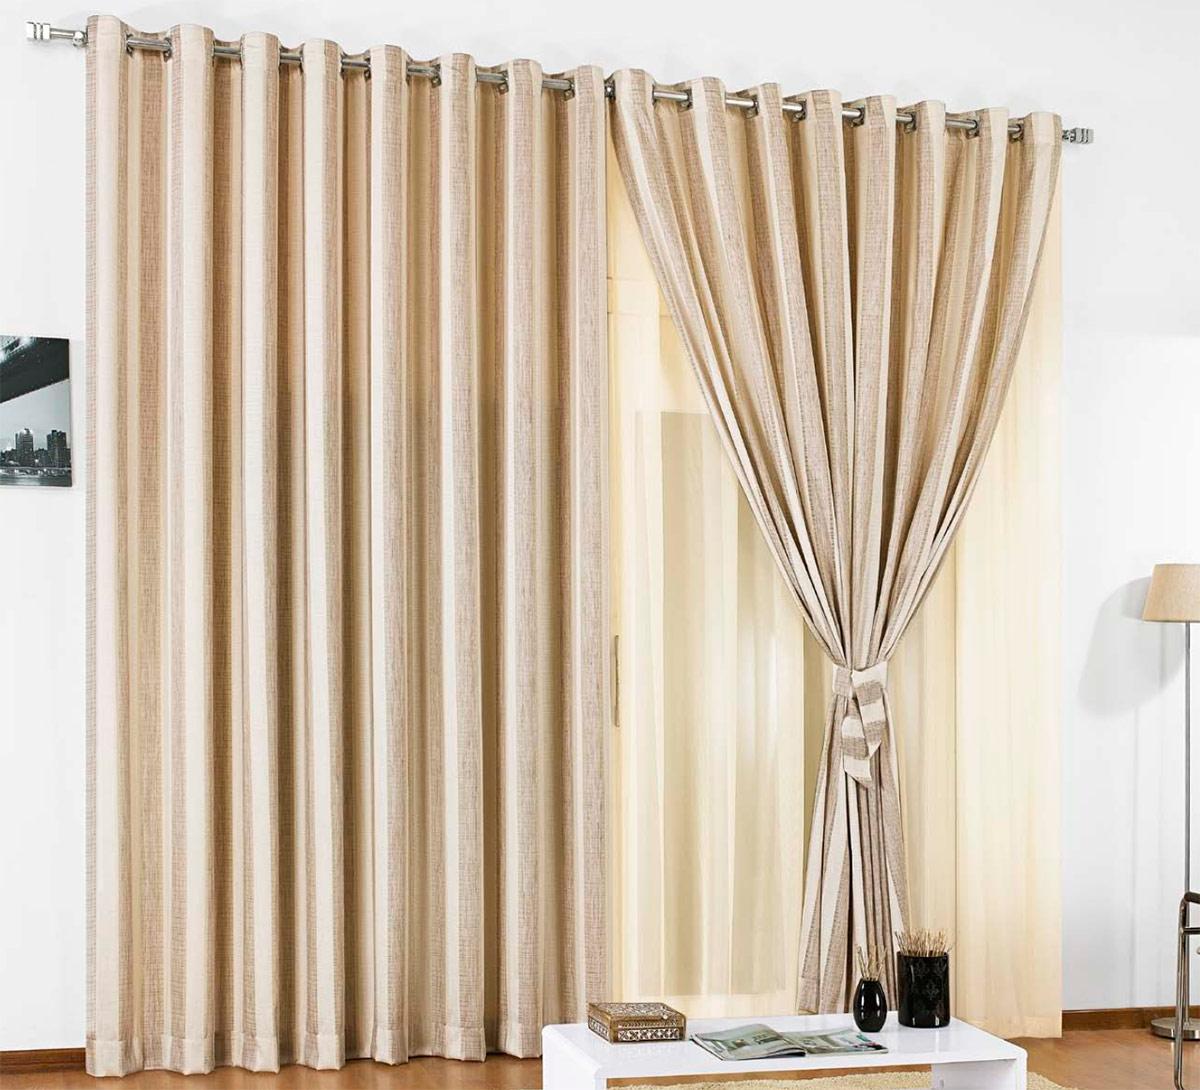 Cortina sala e quarto 3 metros palha seda e poliester for Tipos de ganchos para cortinas